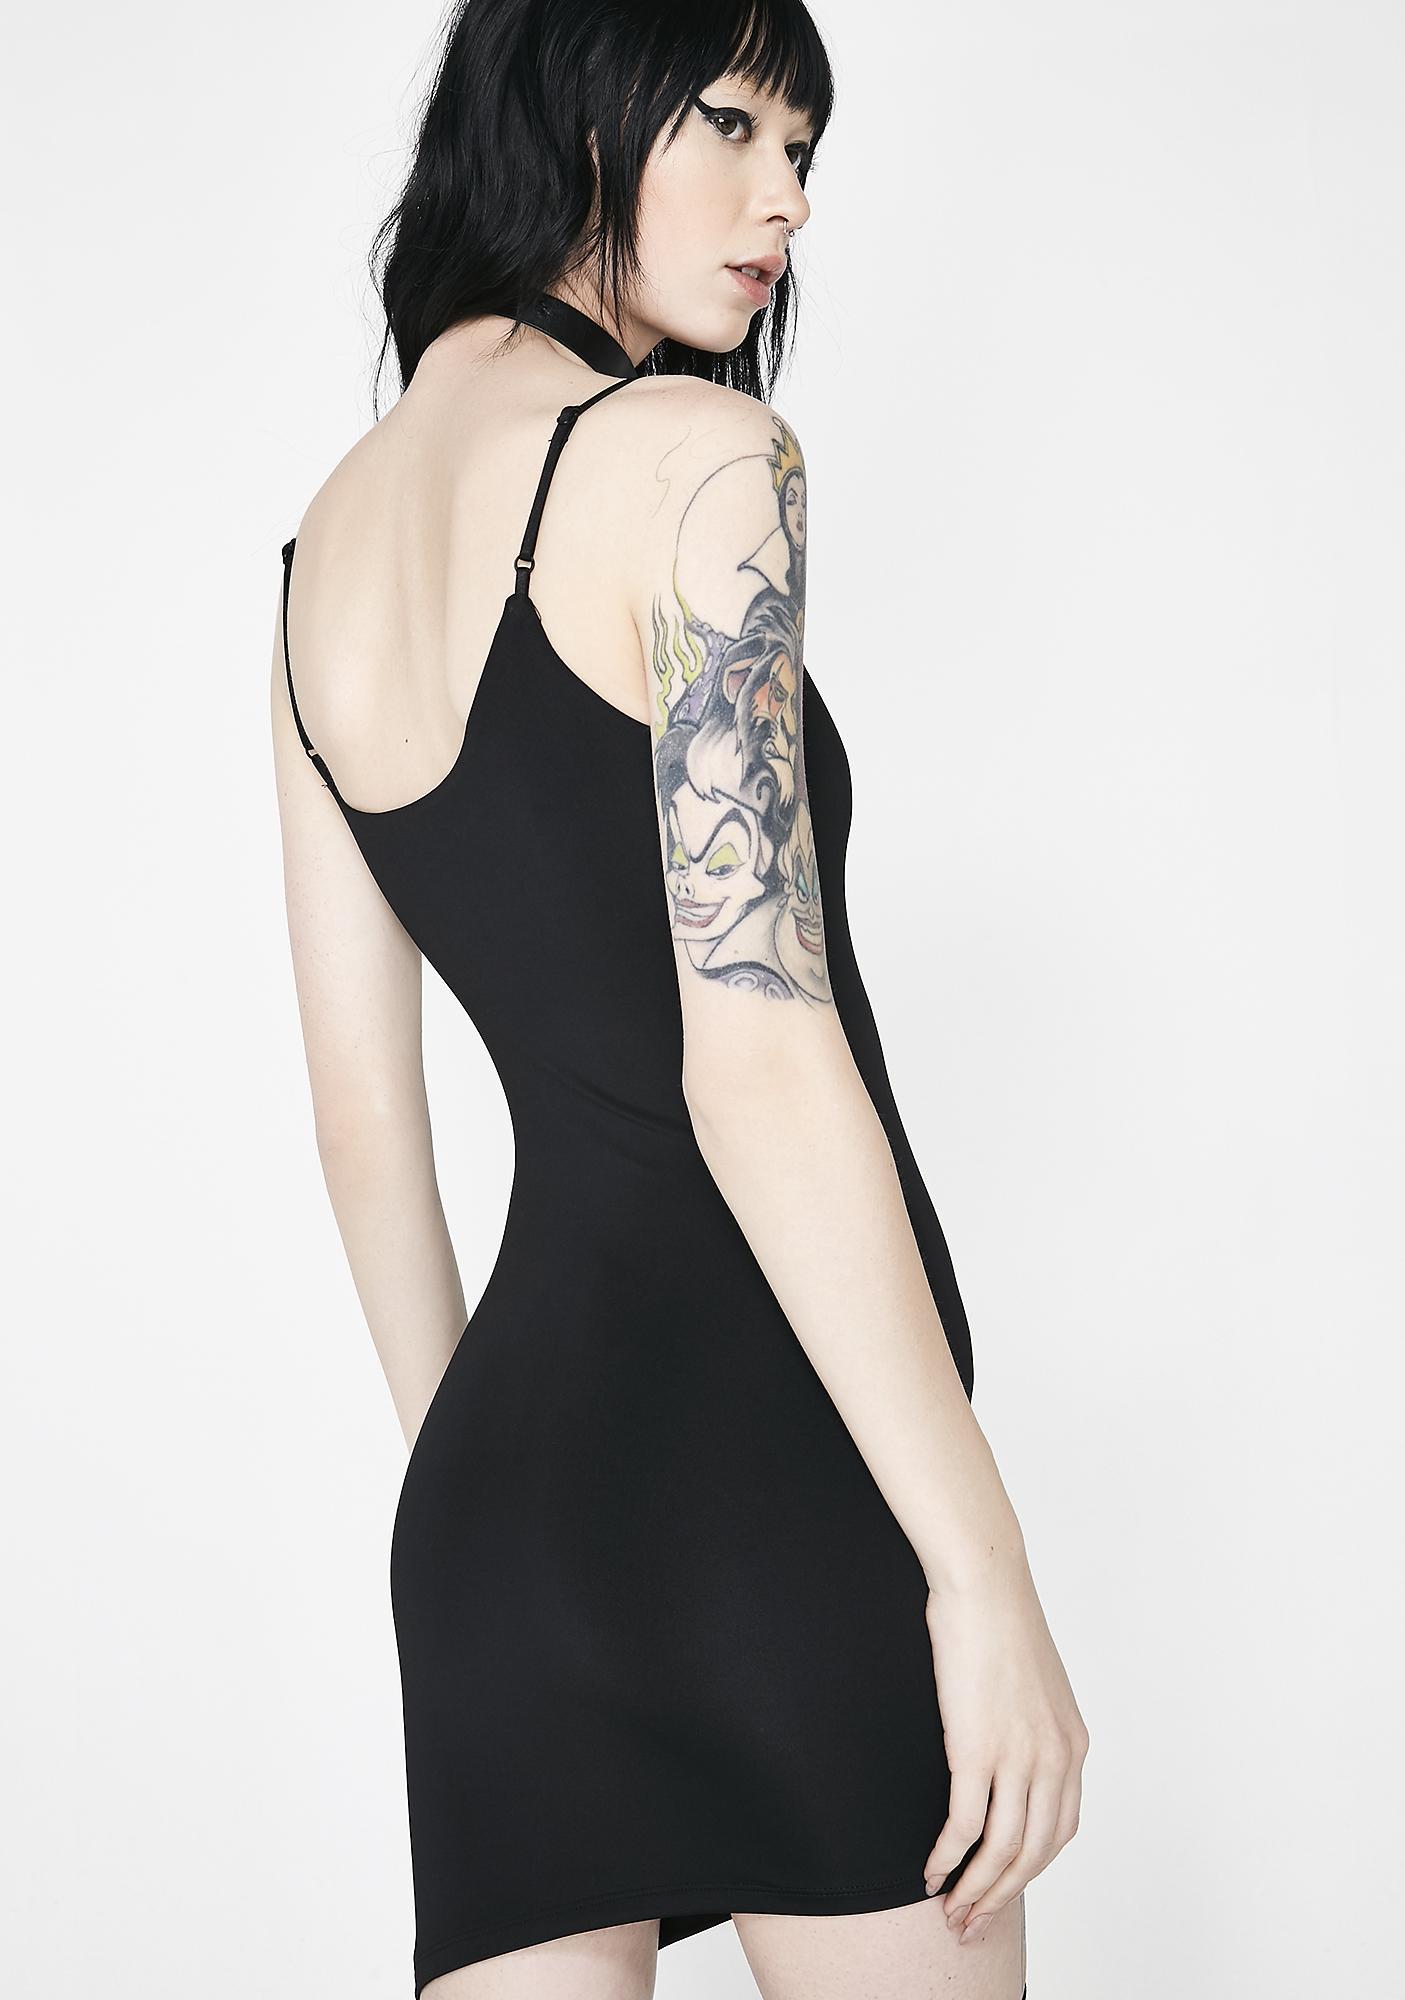 Kiki Riki Not An Angel Asymmetrical Dress